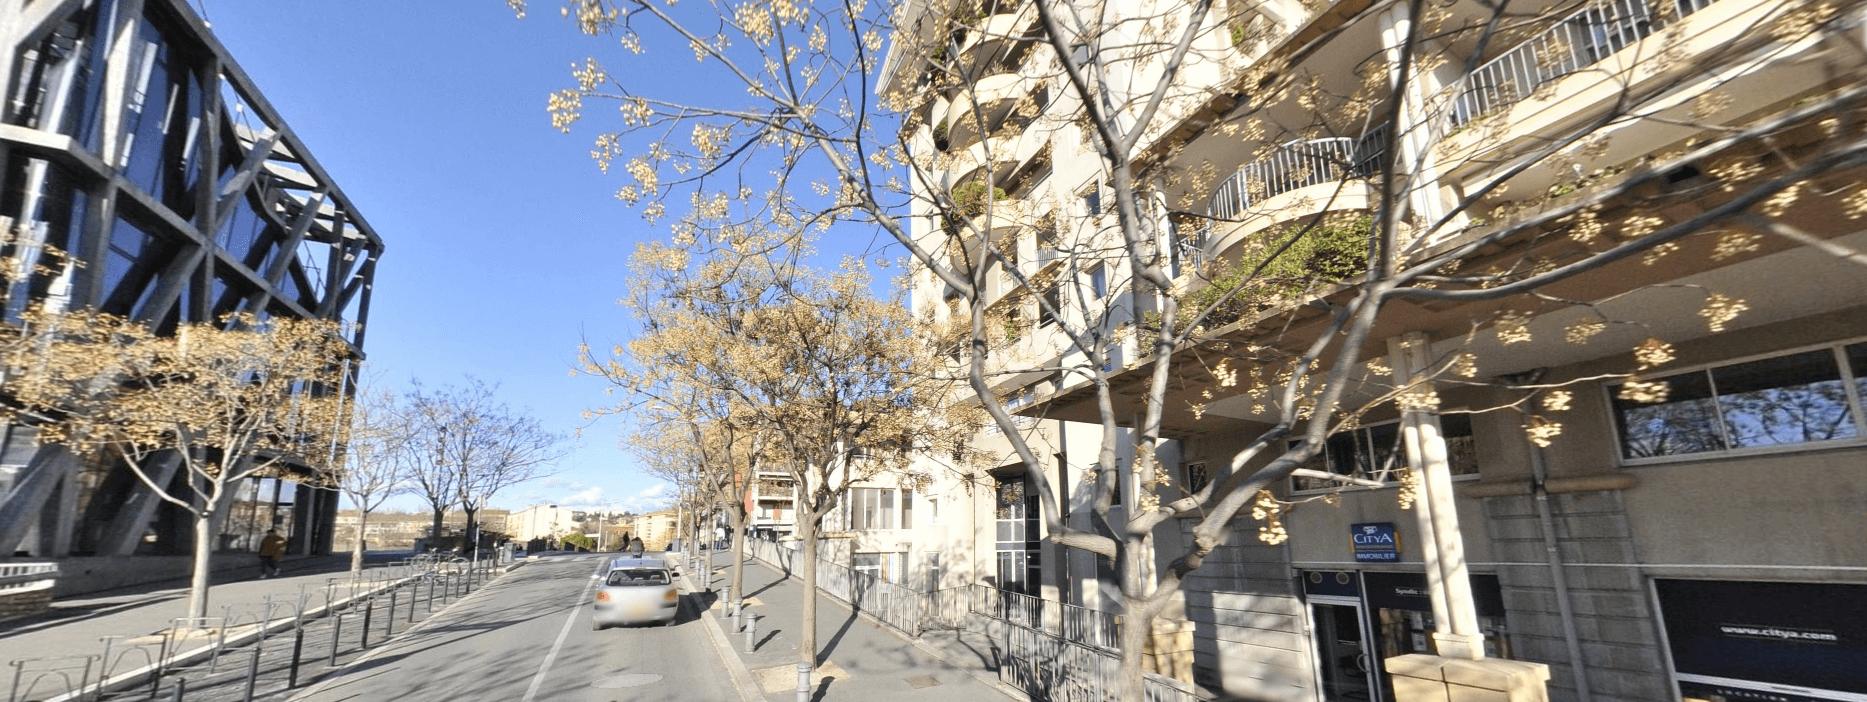 Ecole Iesca Aix-en-Provence